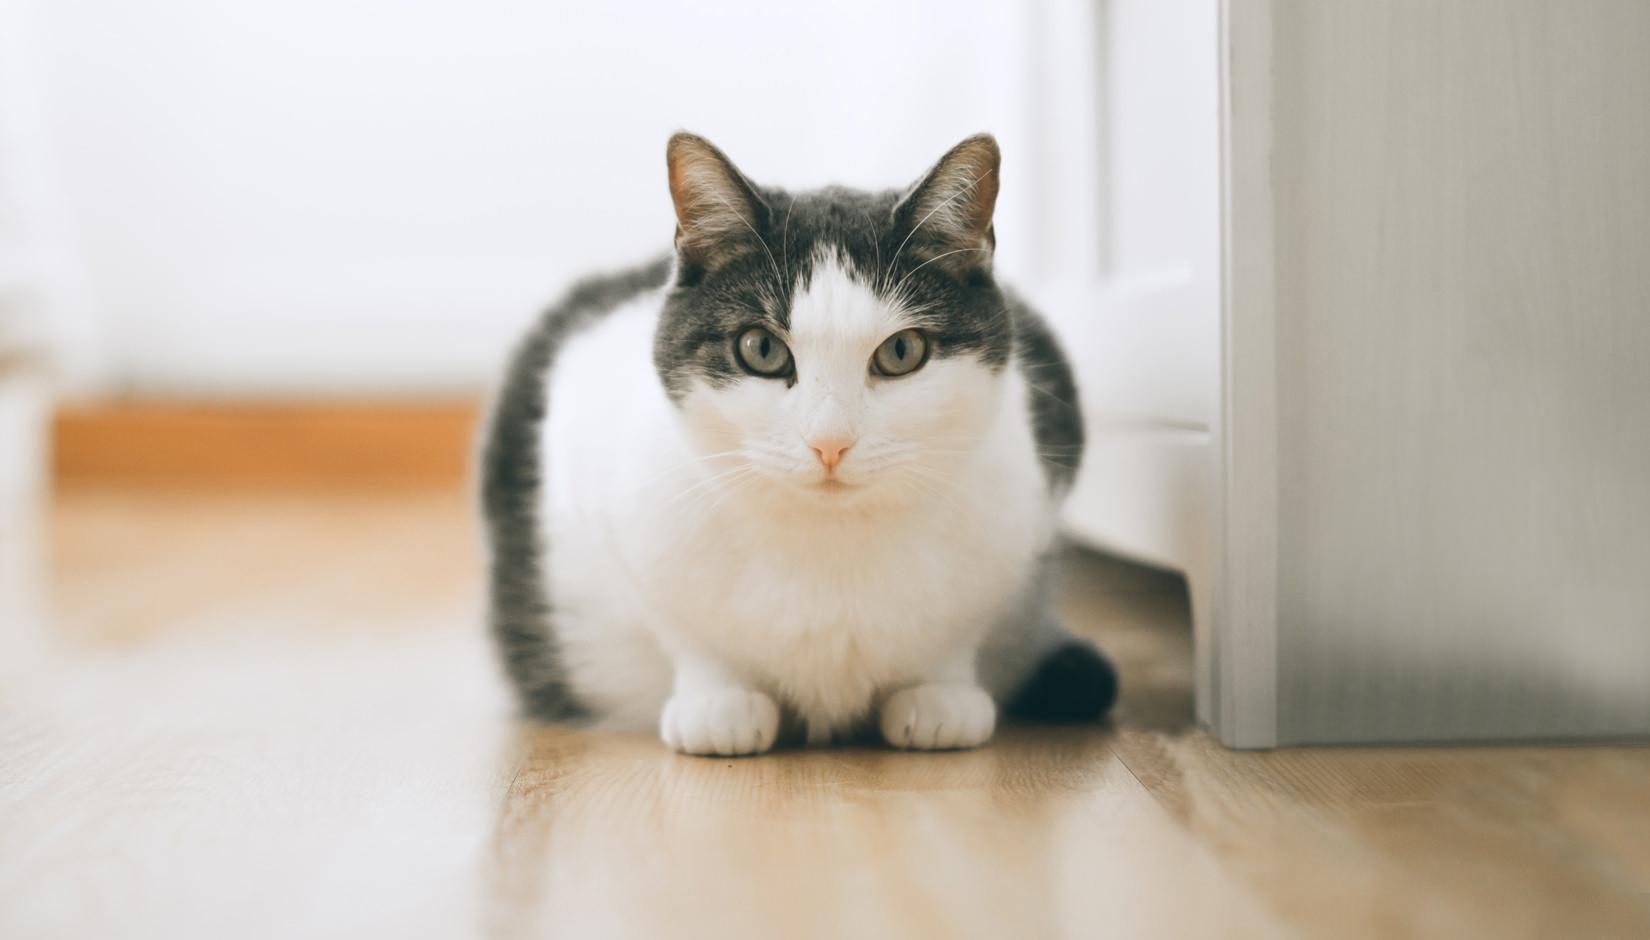 Rüyada Eve Yavru Kedi Girdiğini Görmek